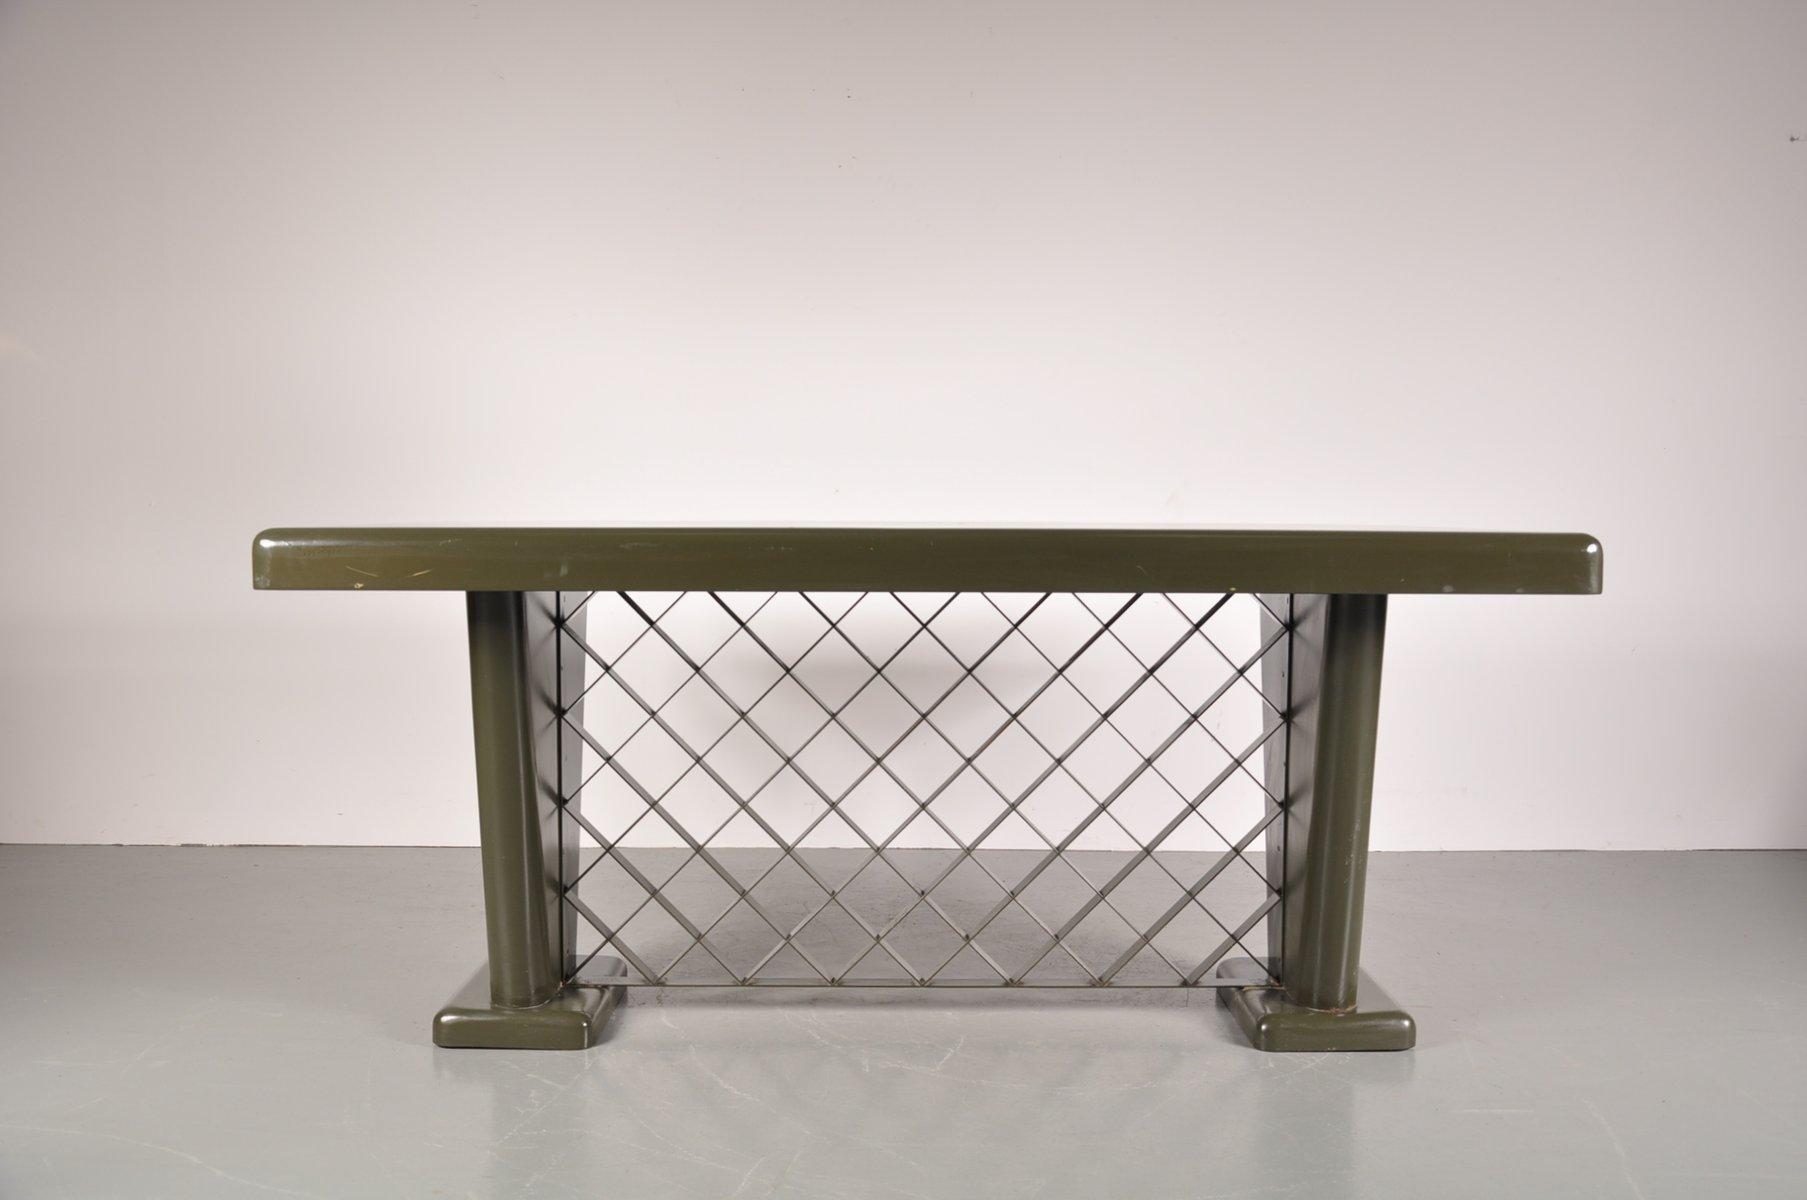 Deutscher art deco metall tisch 1930er bei pamono kaufen for Tisch metall